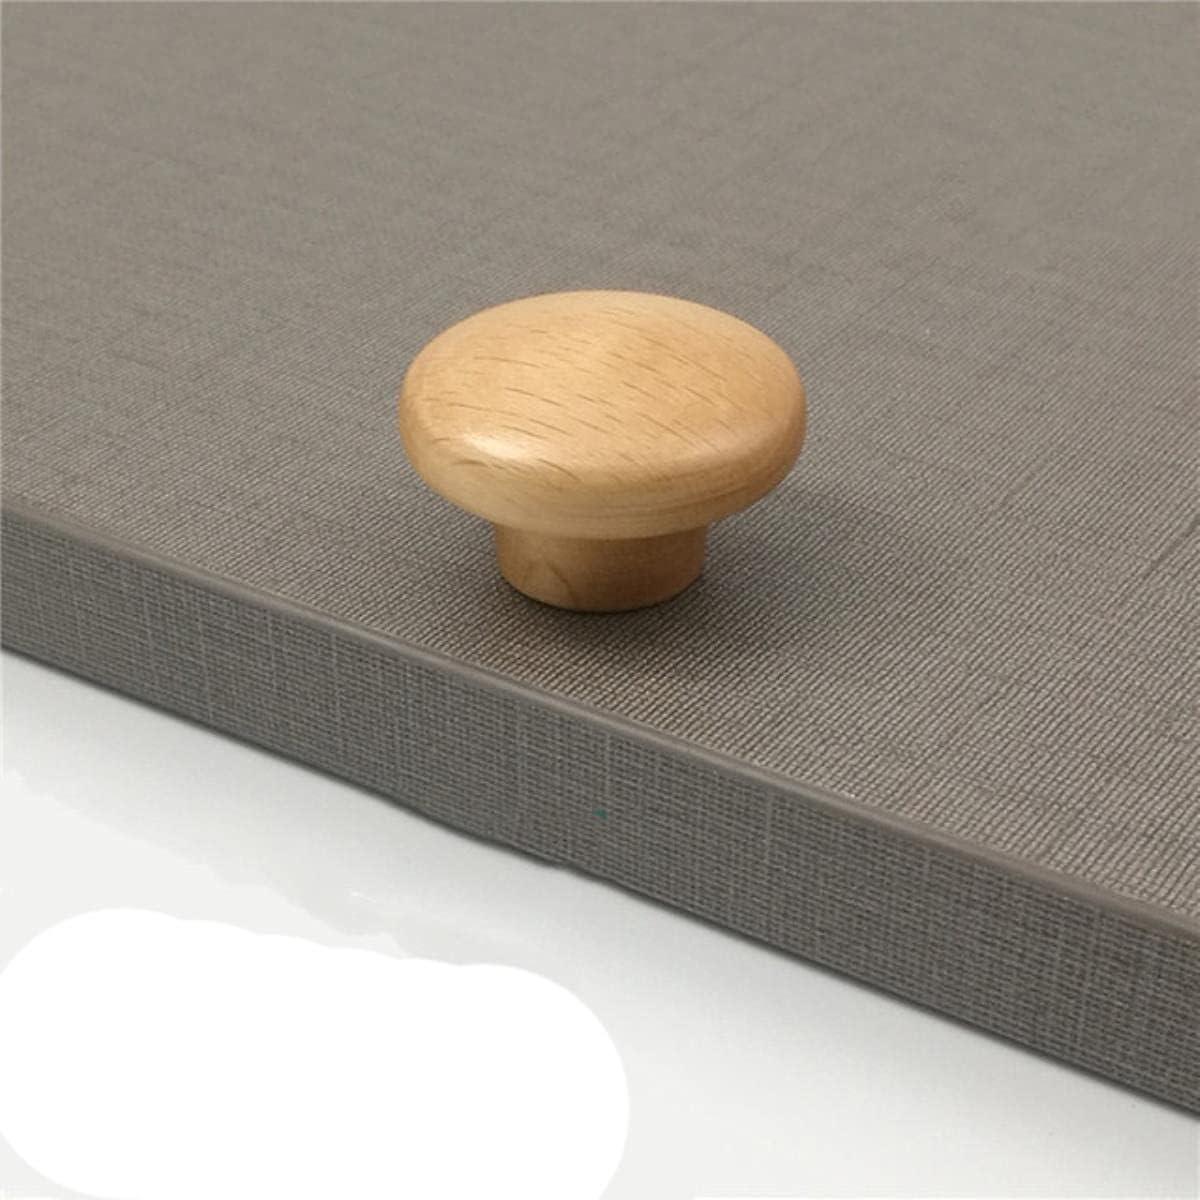 1 Uds., Manija de muebles de gabinete de cocina, manija de madera maciza natural para armario, puerta, cajón, tiradores, perillas-C3